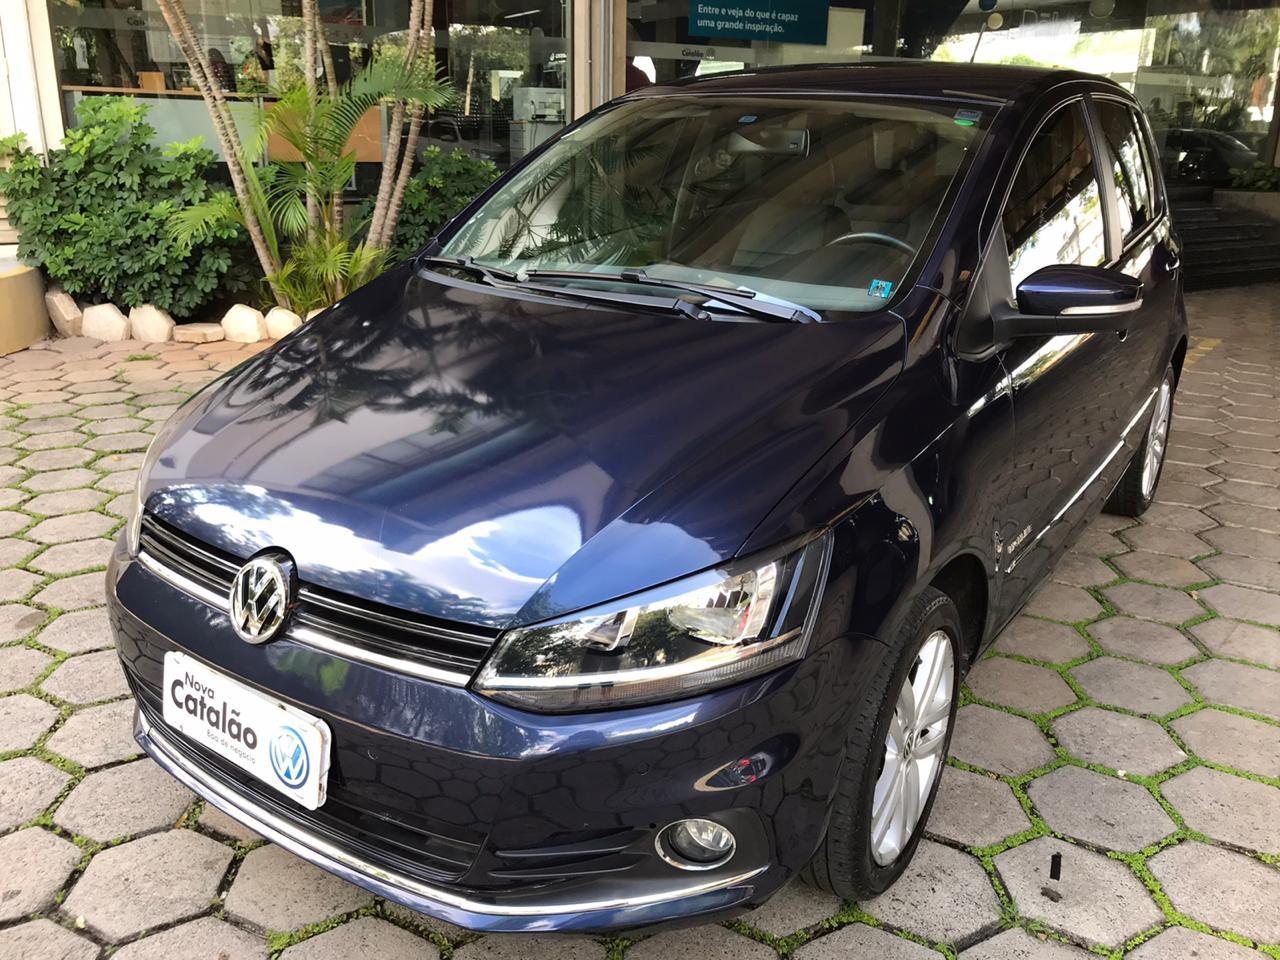 //www.autoline.com.br/carro/volkswagen/fox-16-highline-16v-flex-4p-i-motion/2015/belo-horizonte-mg/13551927